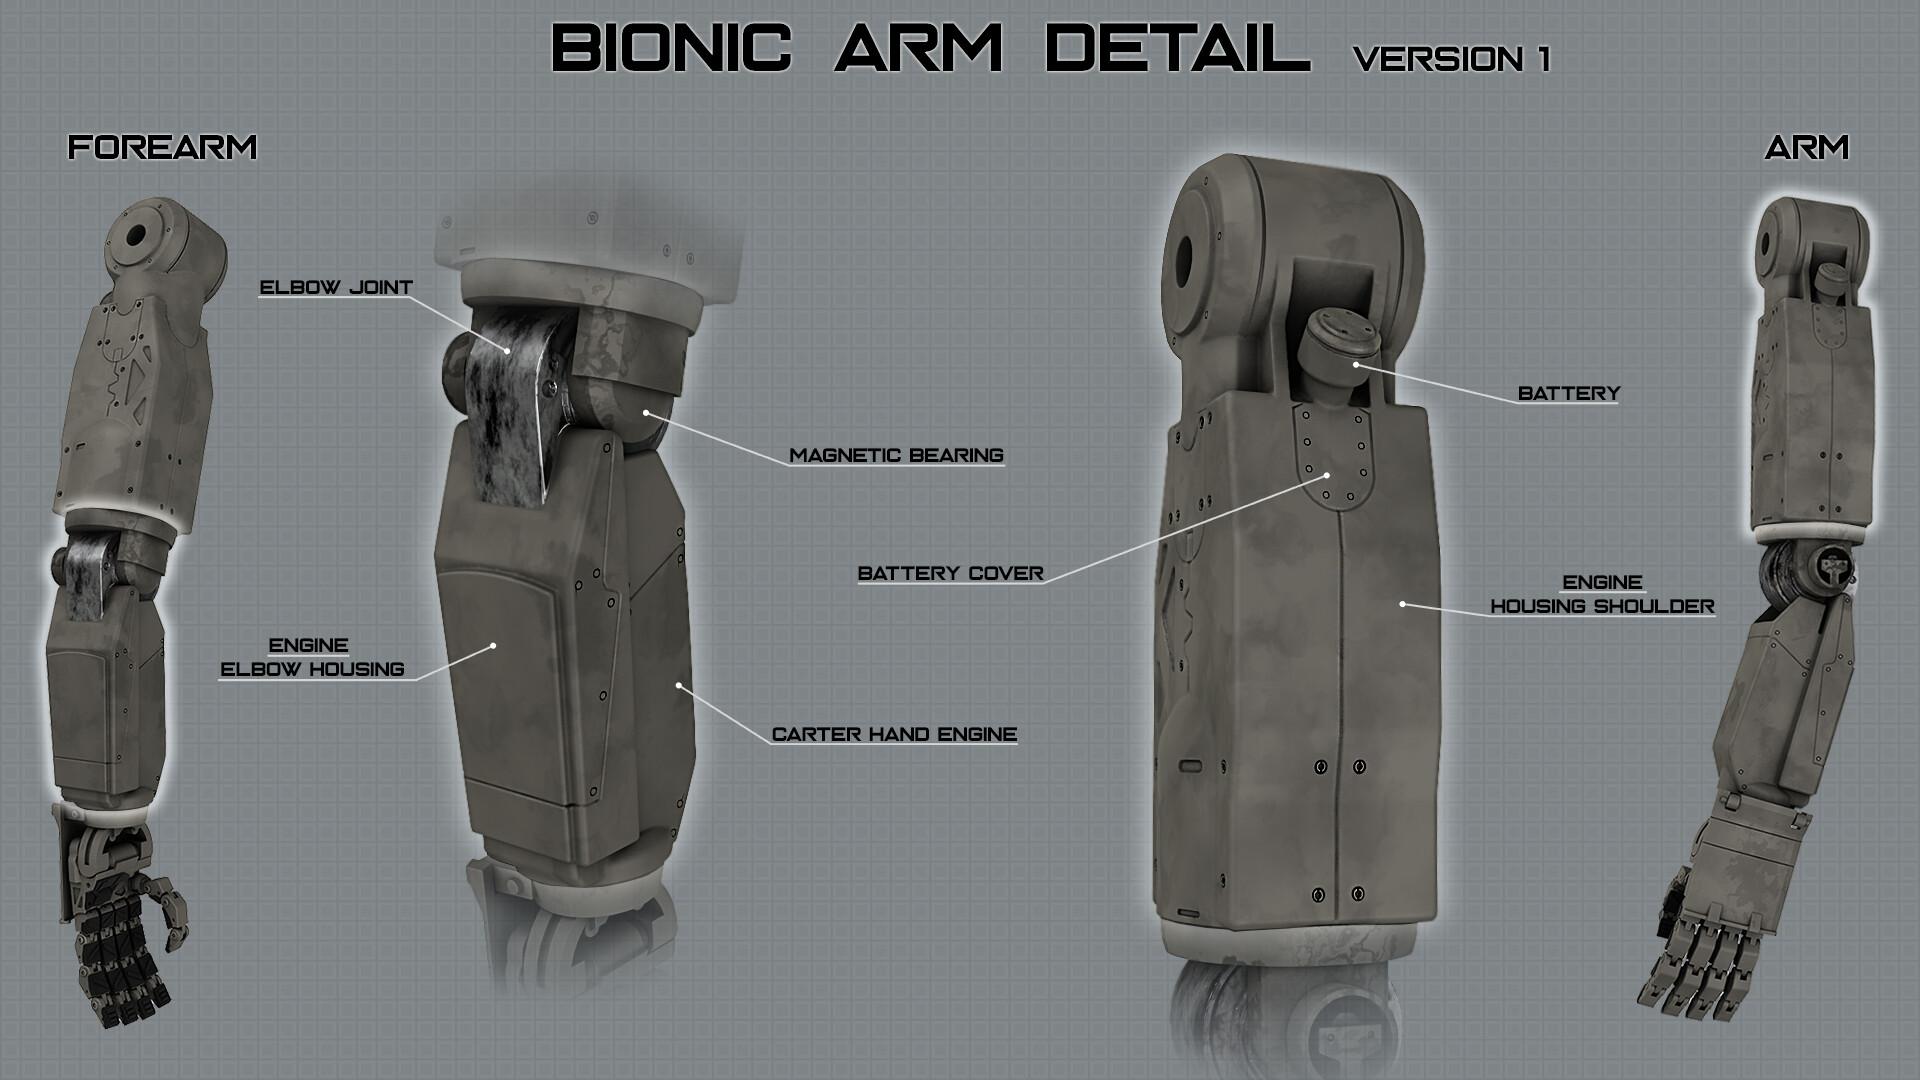 AMP (film AVATAR de James Cameron's) - Page 2 Bionic11